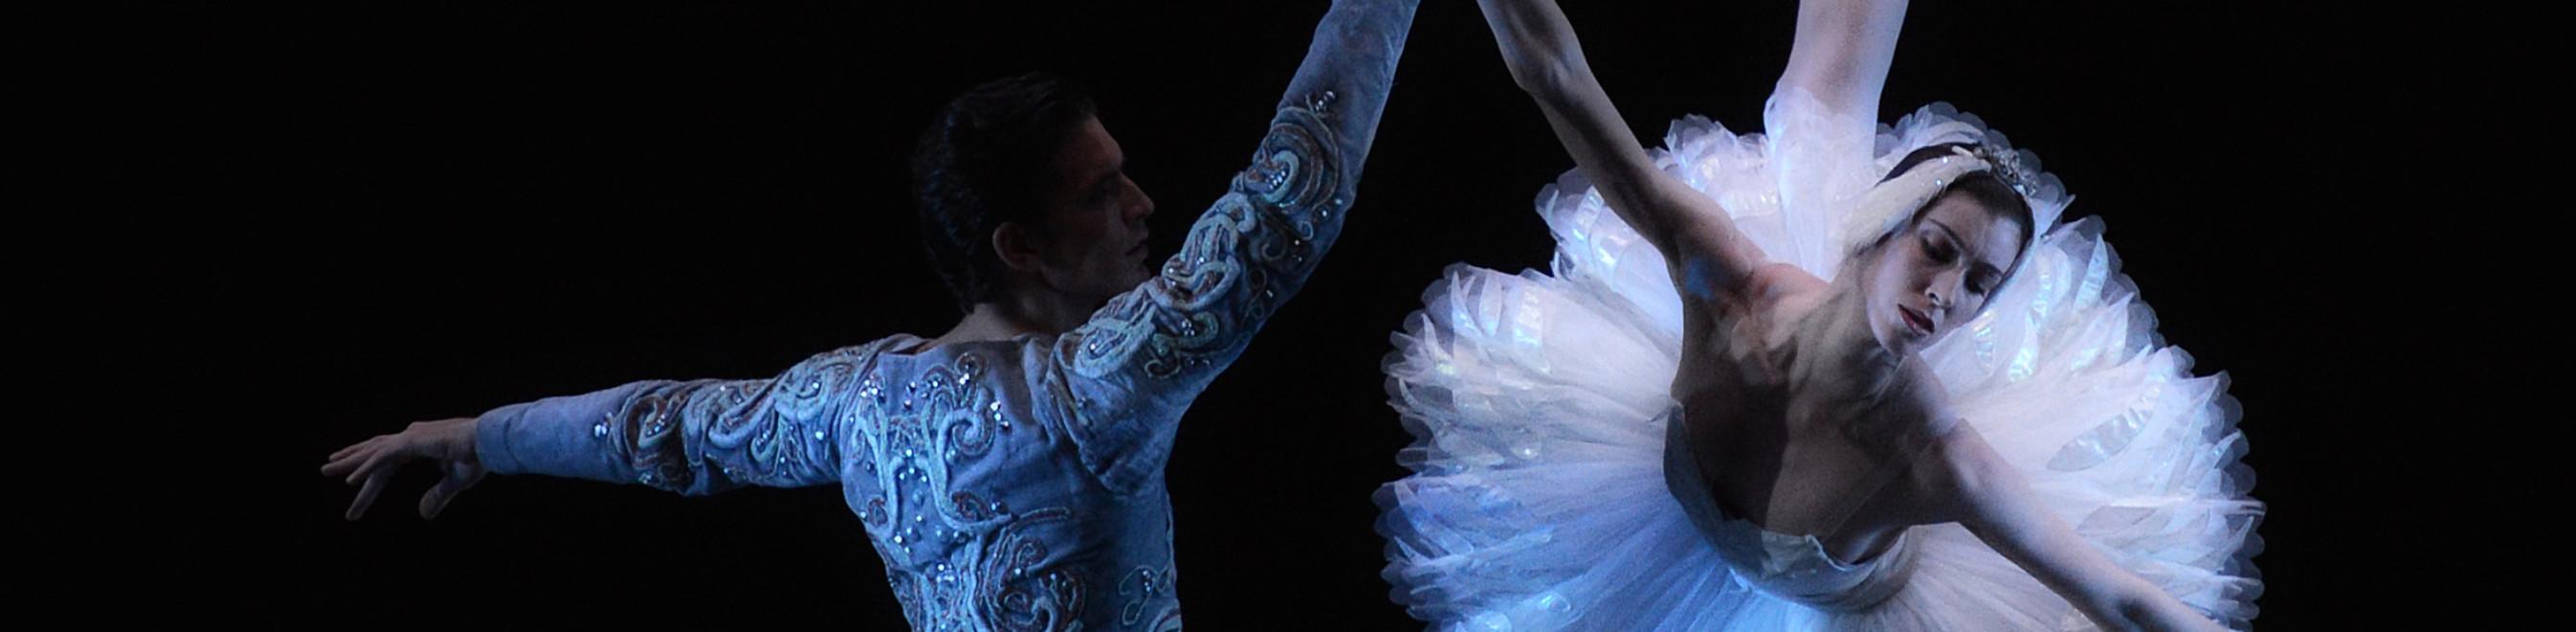 TORNEREMO A DANZARE! Giornata Internazionale Danza